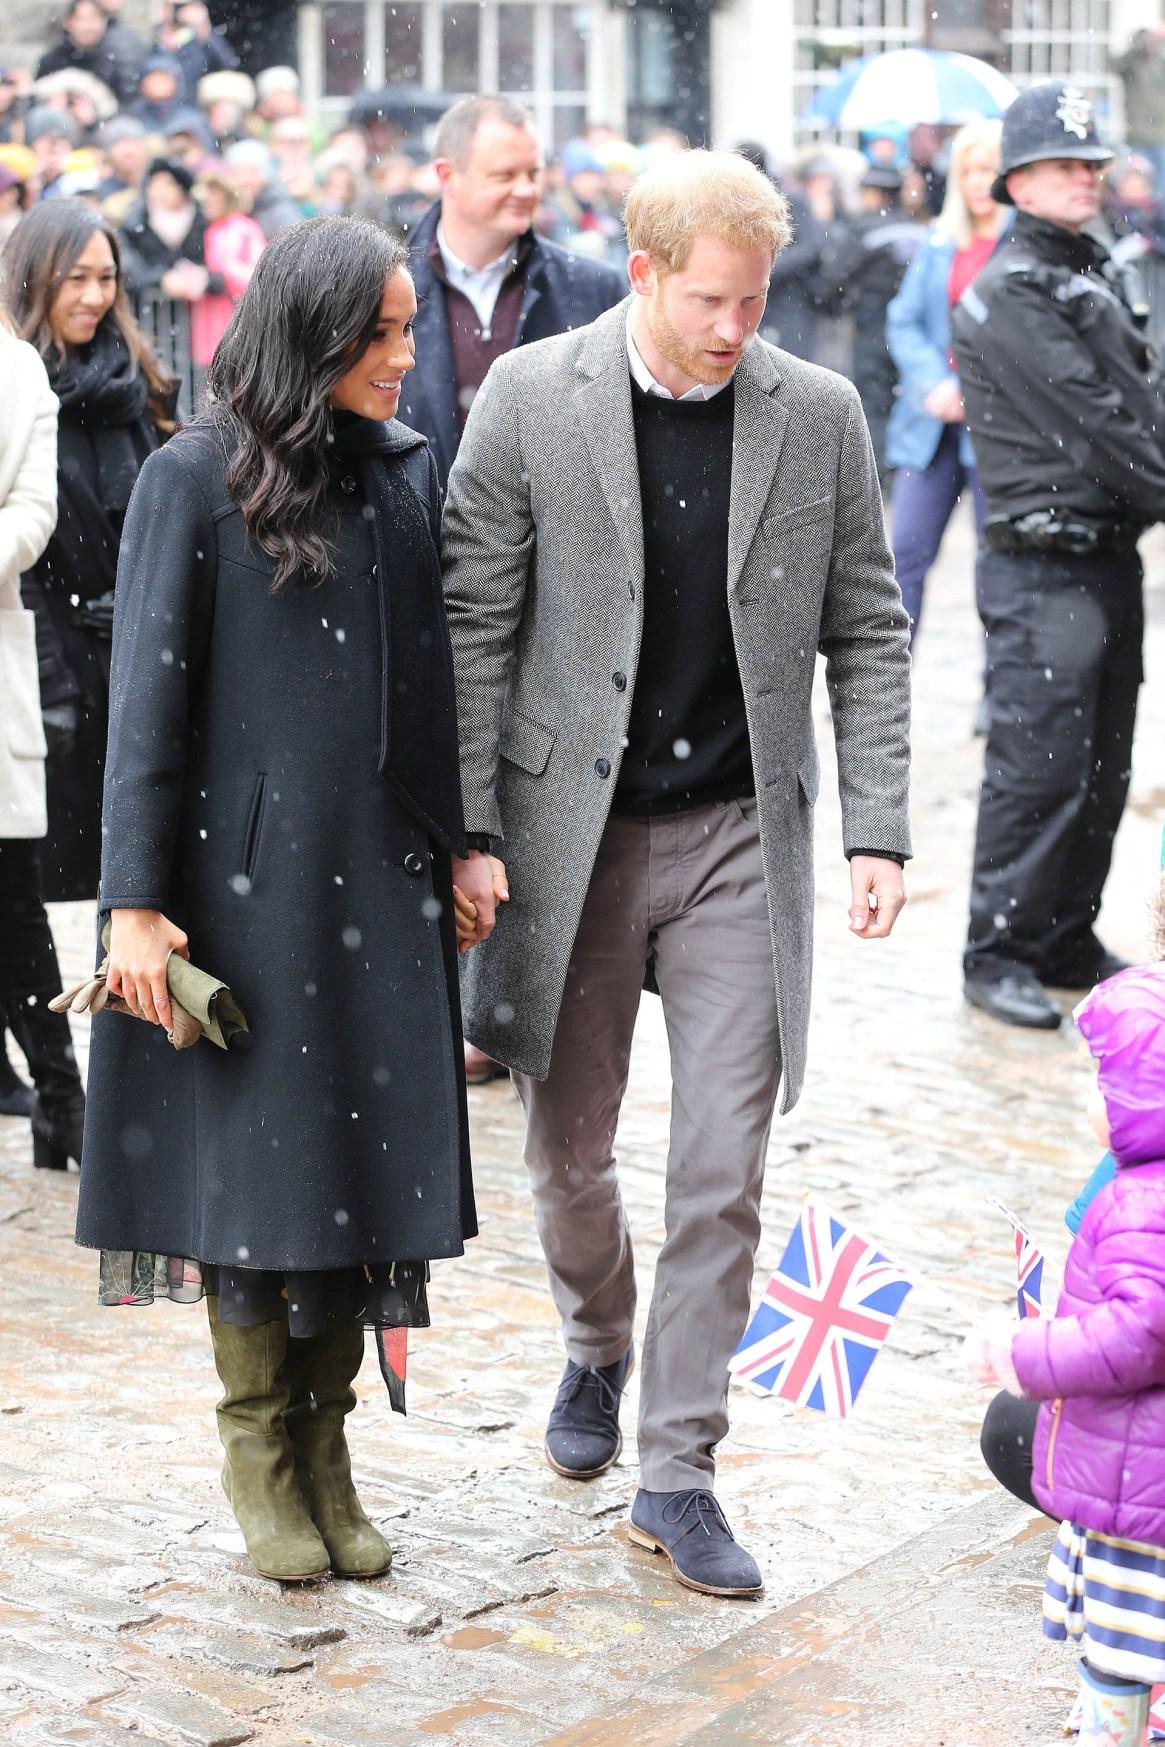 Para soportar el frío invierno europeo, que incluyó nieve, la pareja real vistió abrigos en negro y gris